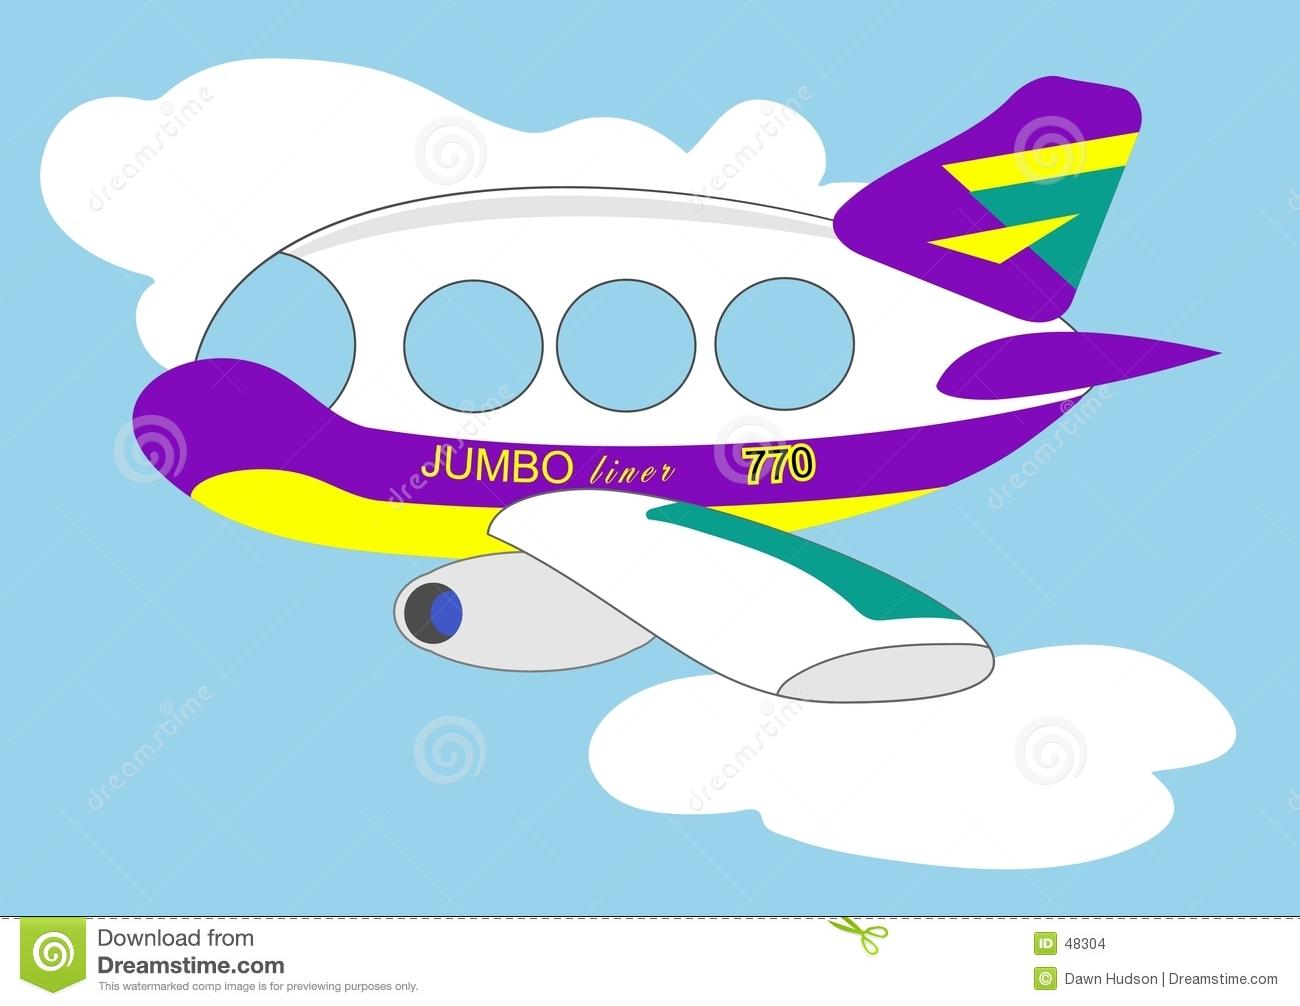 Jumbo Jet Clipart.